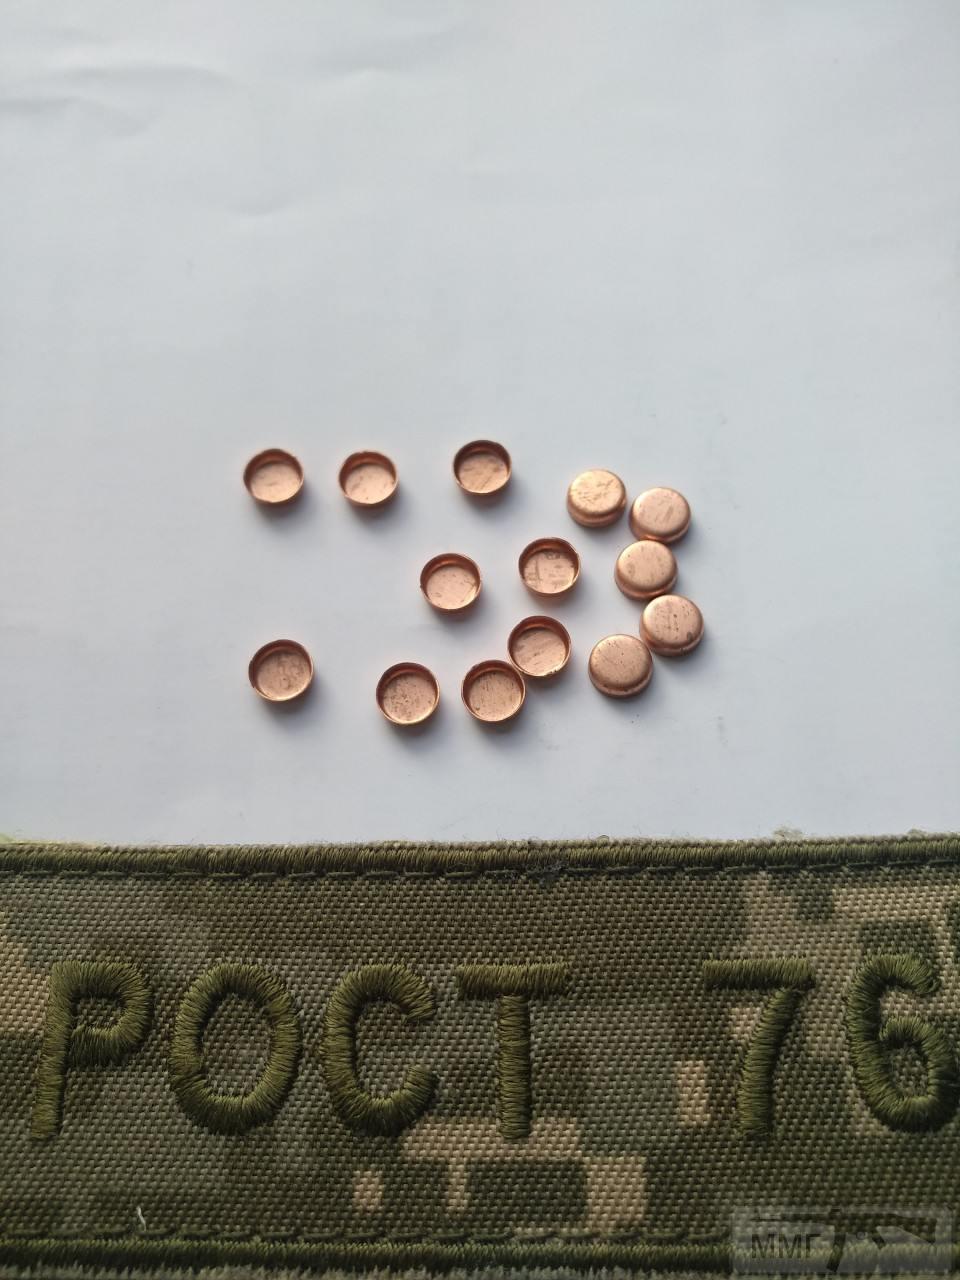 90351 - Газчеки 22 (224) калібр.